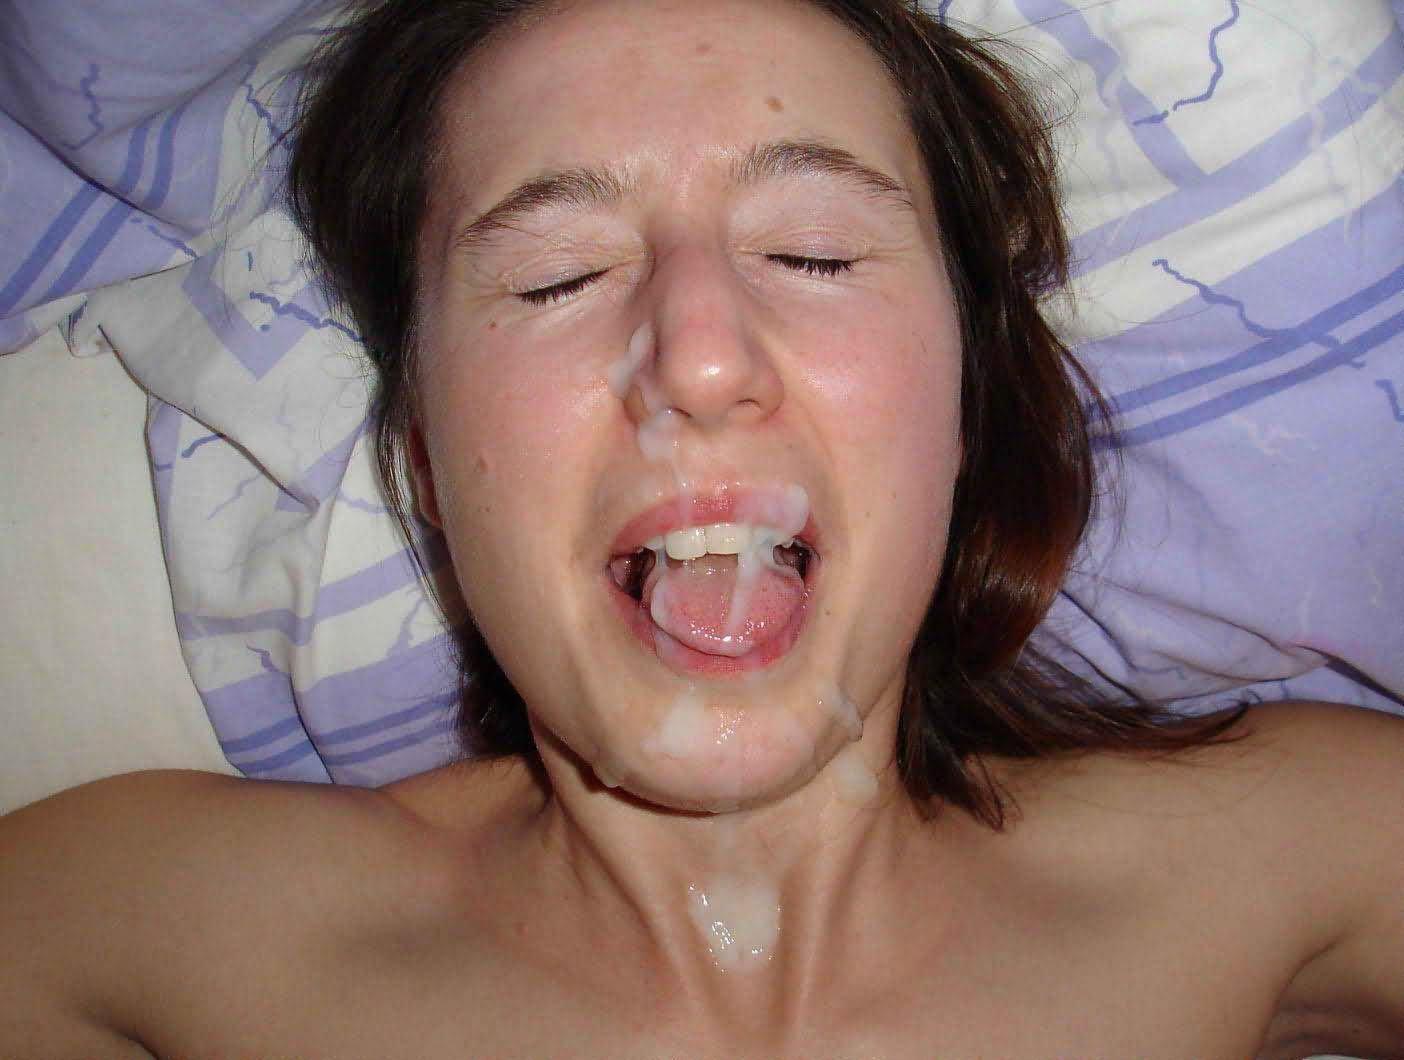 Сперма на лицах ведущих, Телеведущие глотают сперму в эфире Частное видео 6 фотография